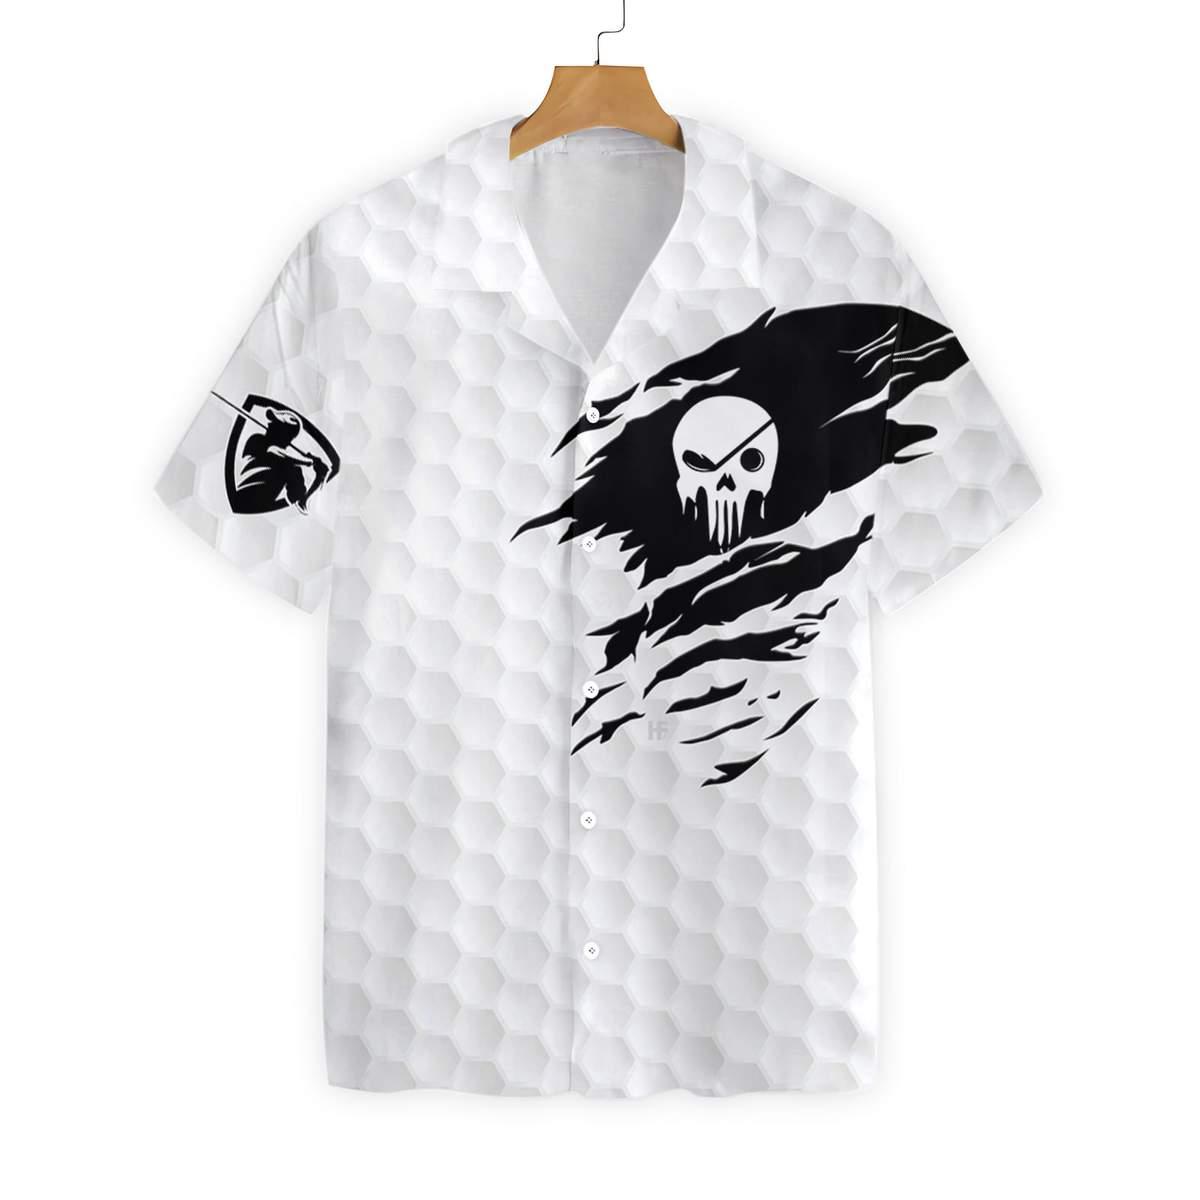 The Golf Skull Hawaiian Shirt 1